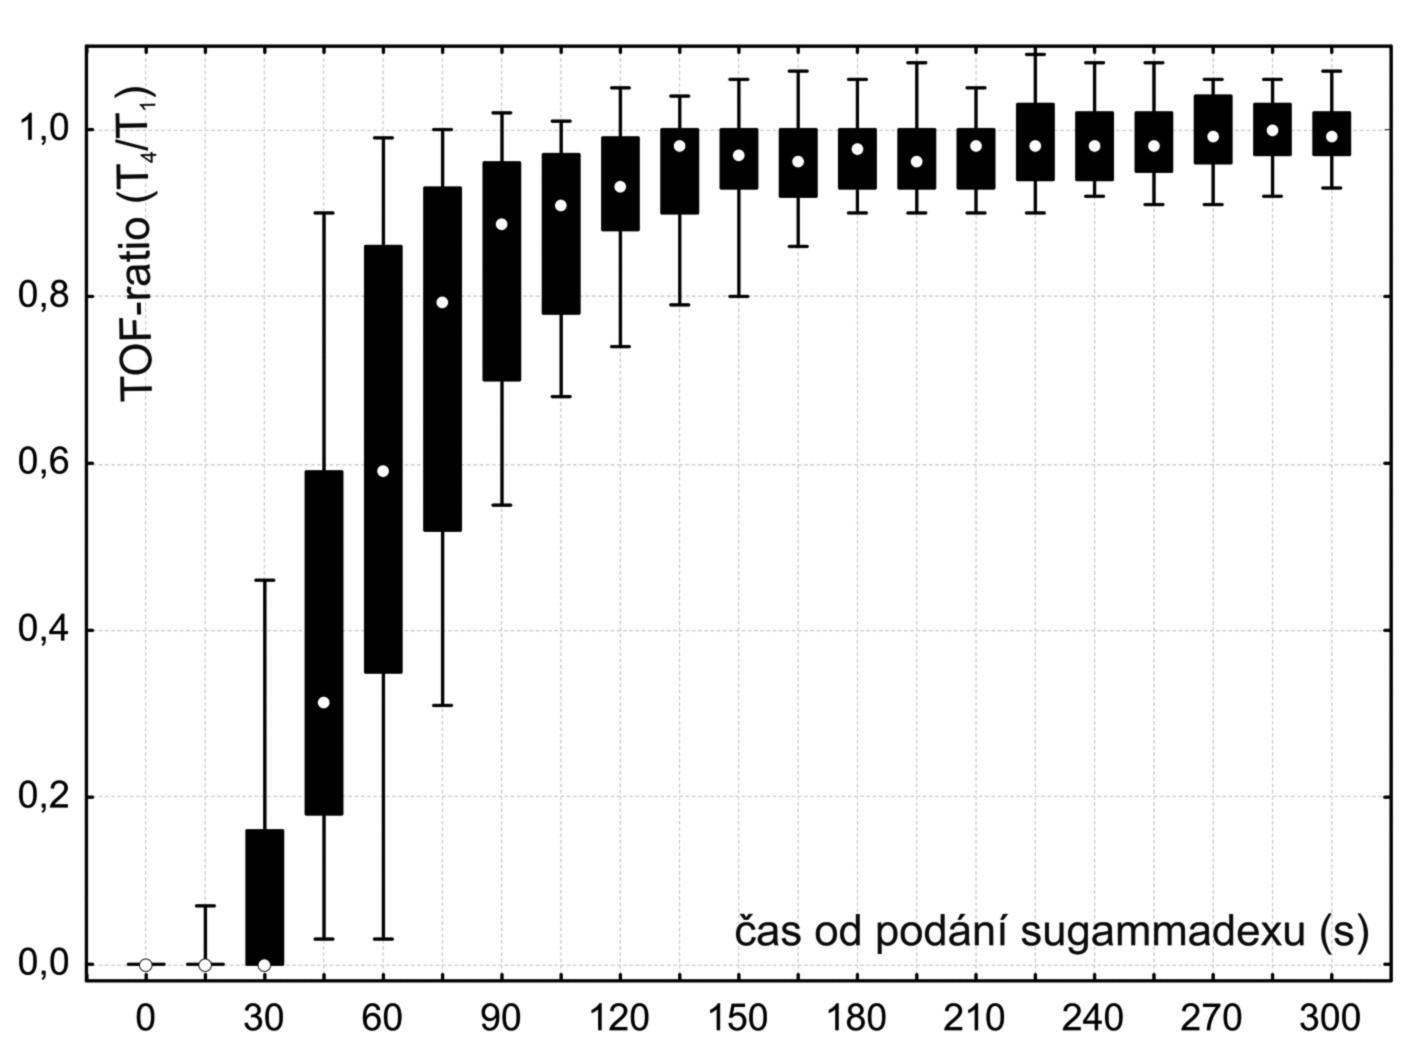 Průběh zotavení TOF-ratio po podání sugammadexu (2 mg . kg<sup>-1</sup>)